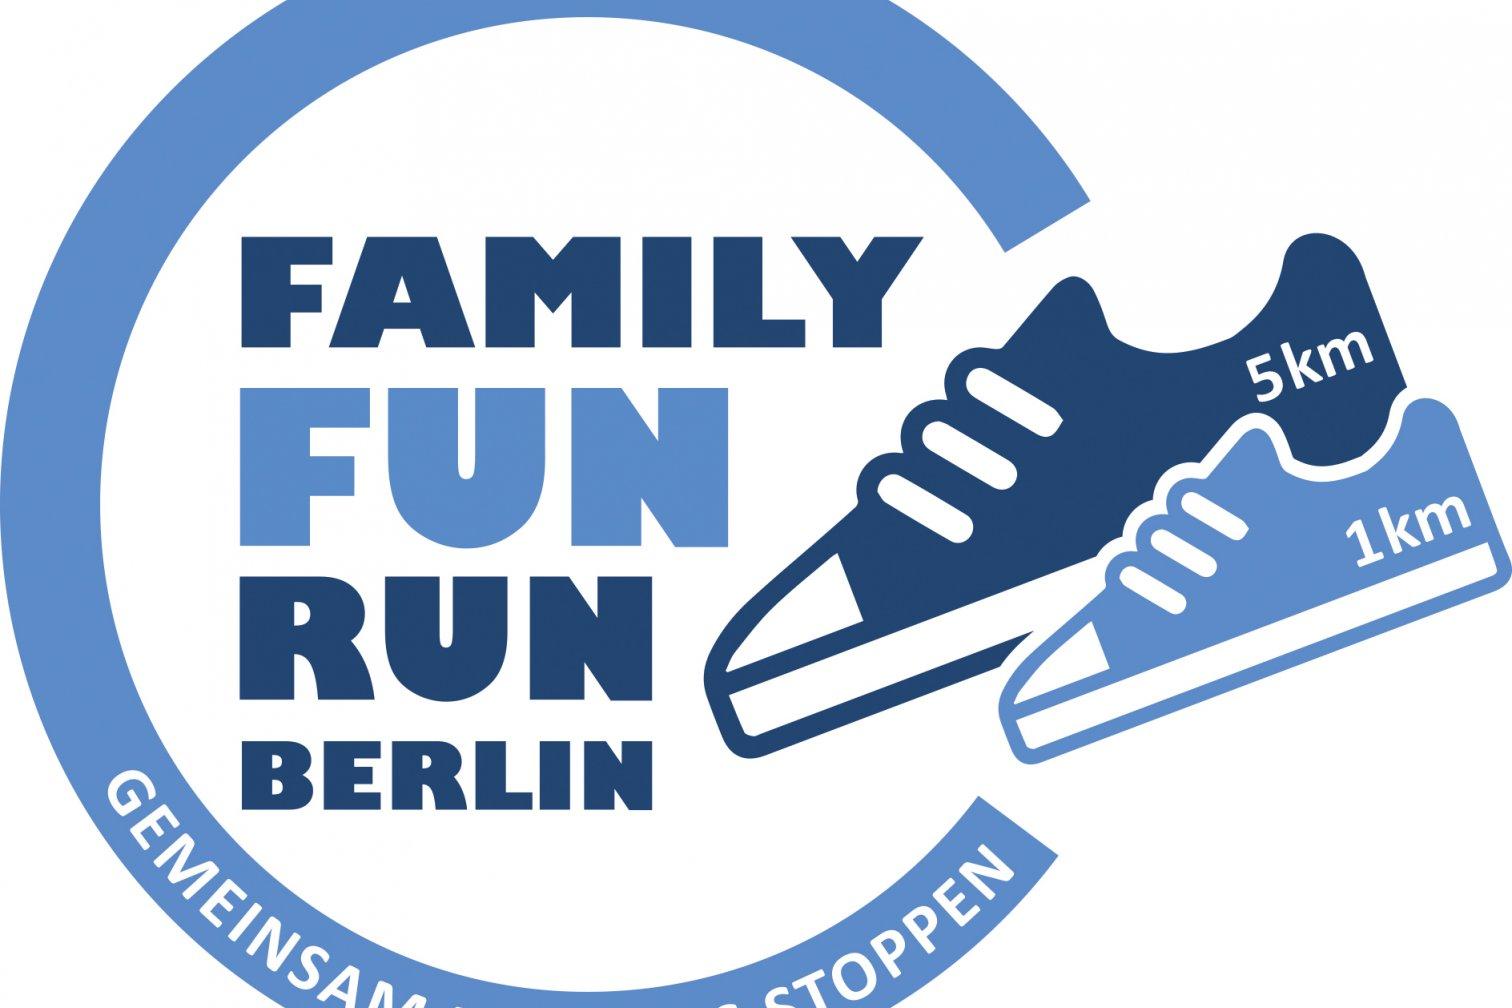 Family fun run Berlin